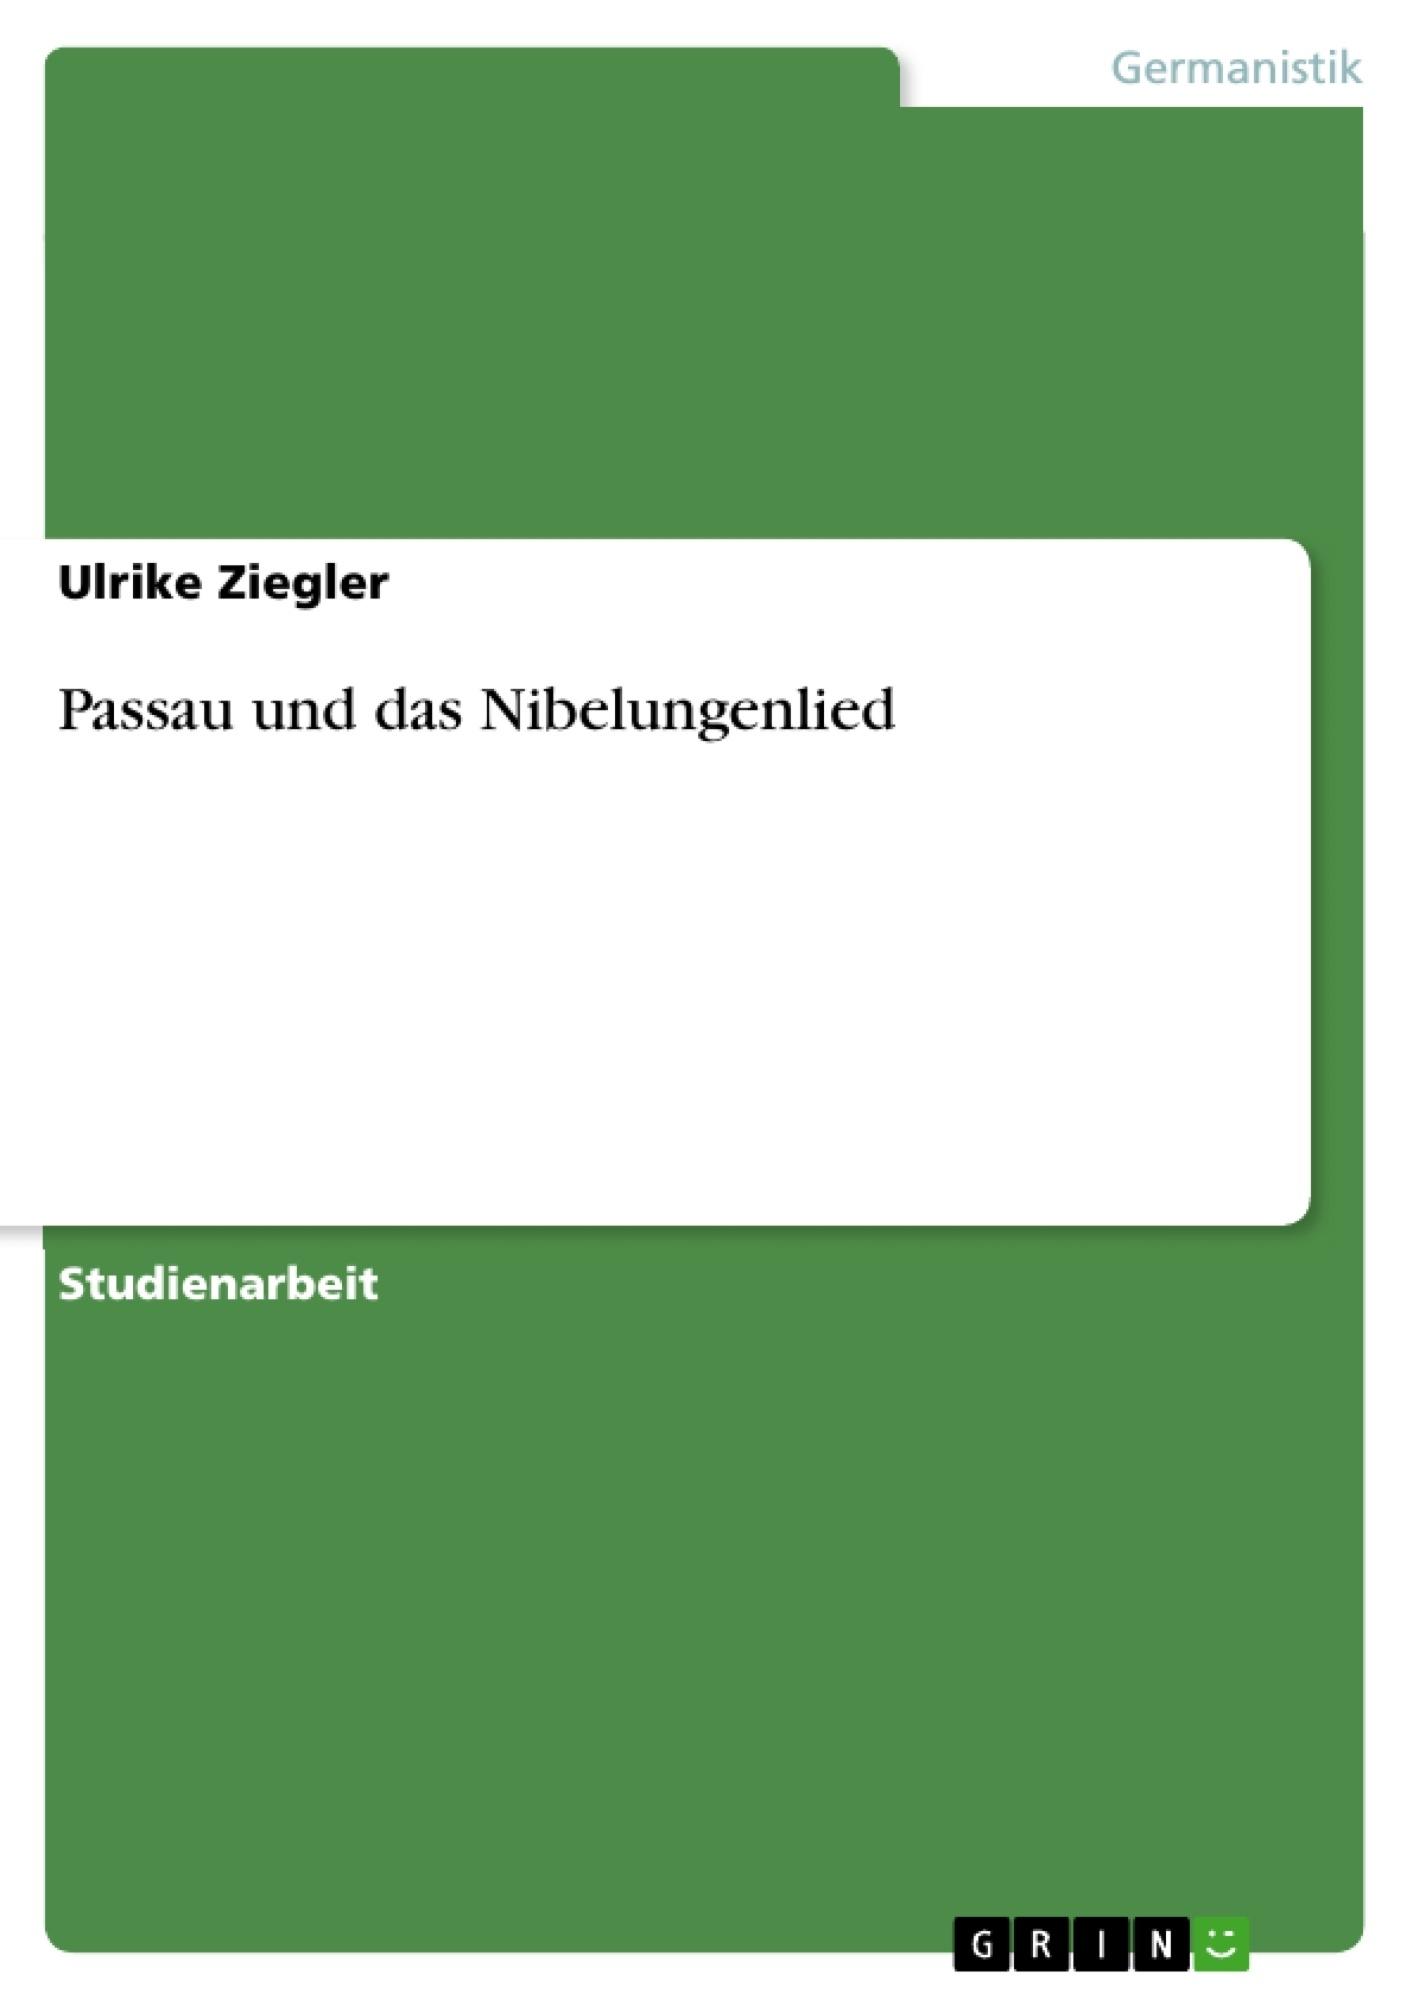 Titel: Passau und das Nibelungenlied